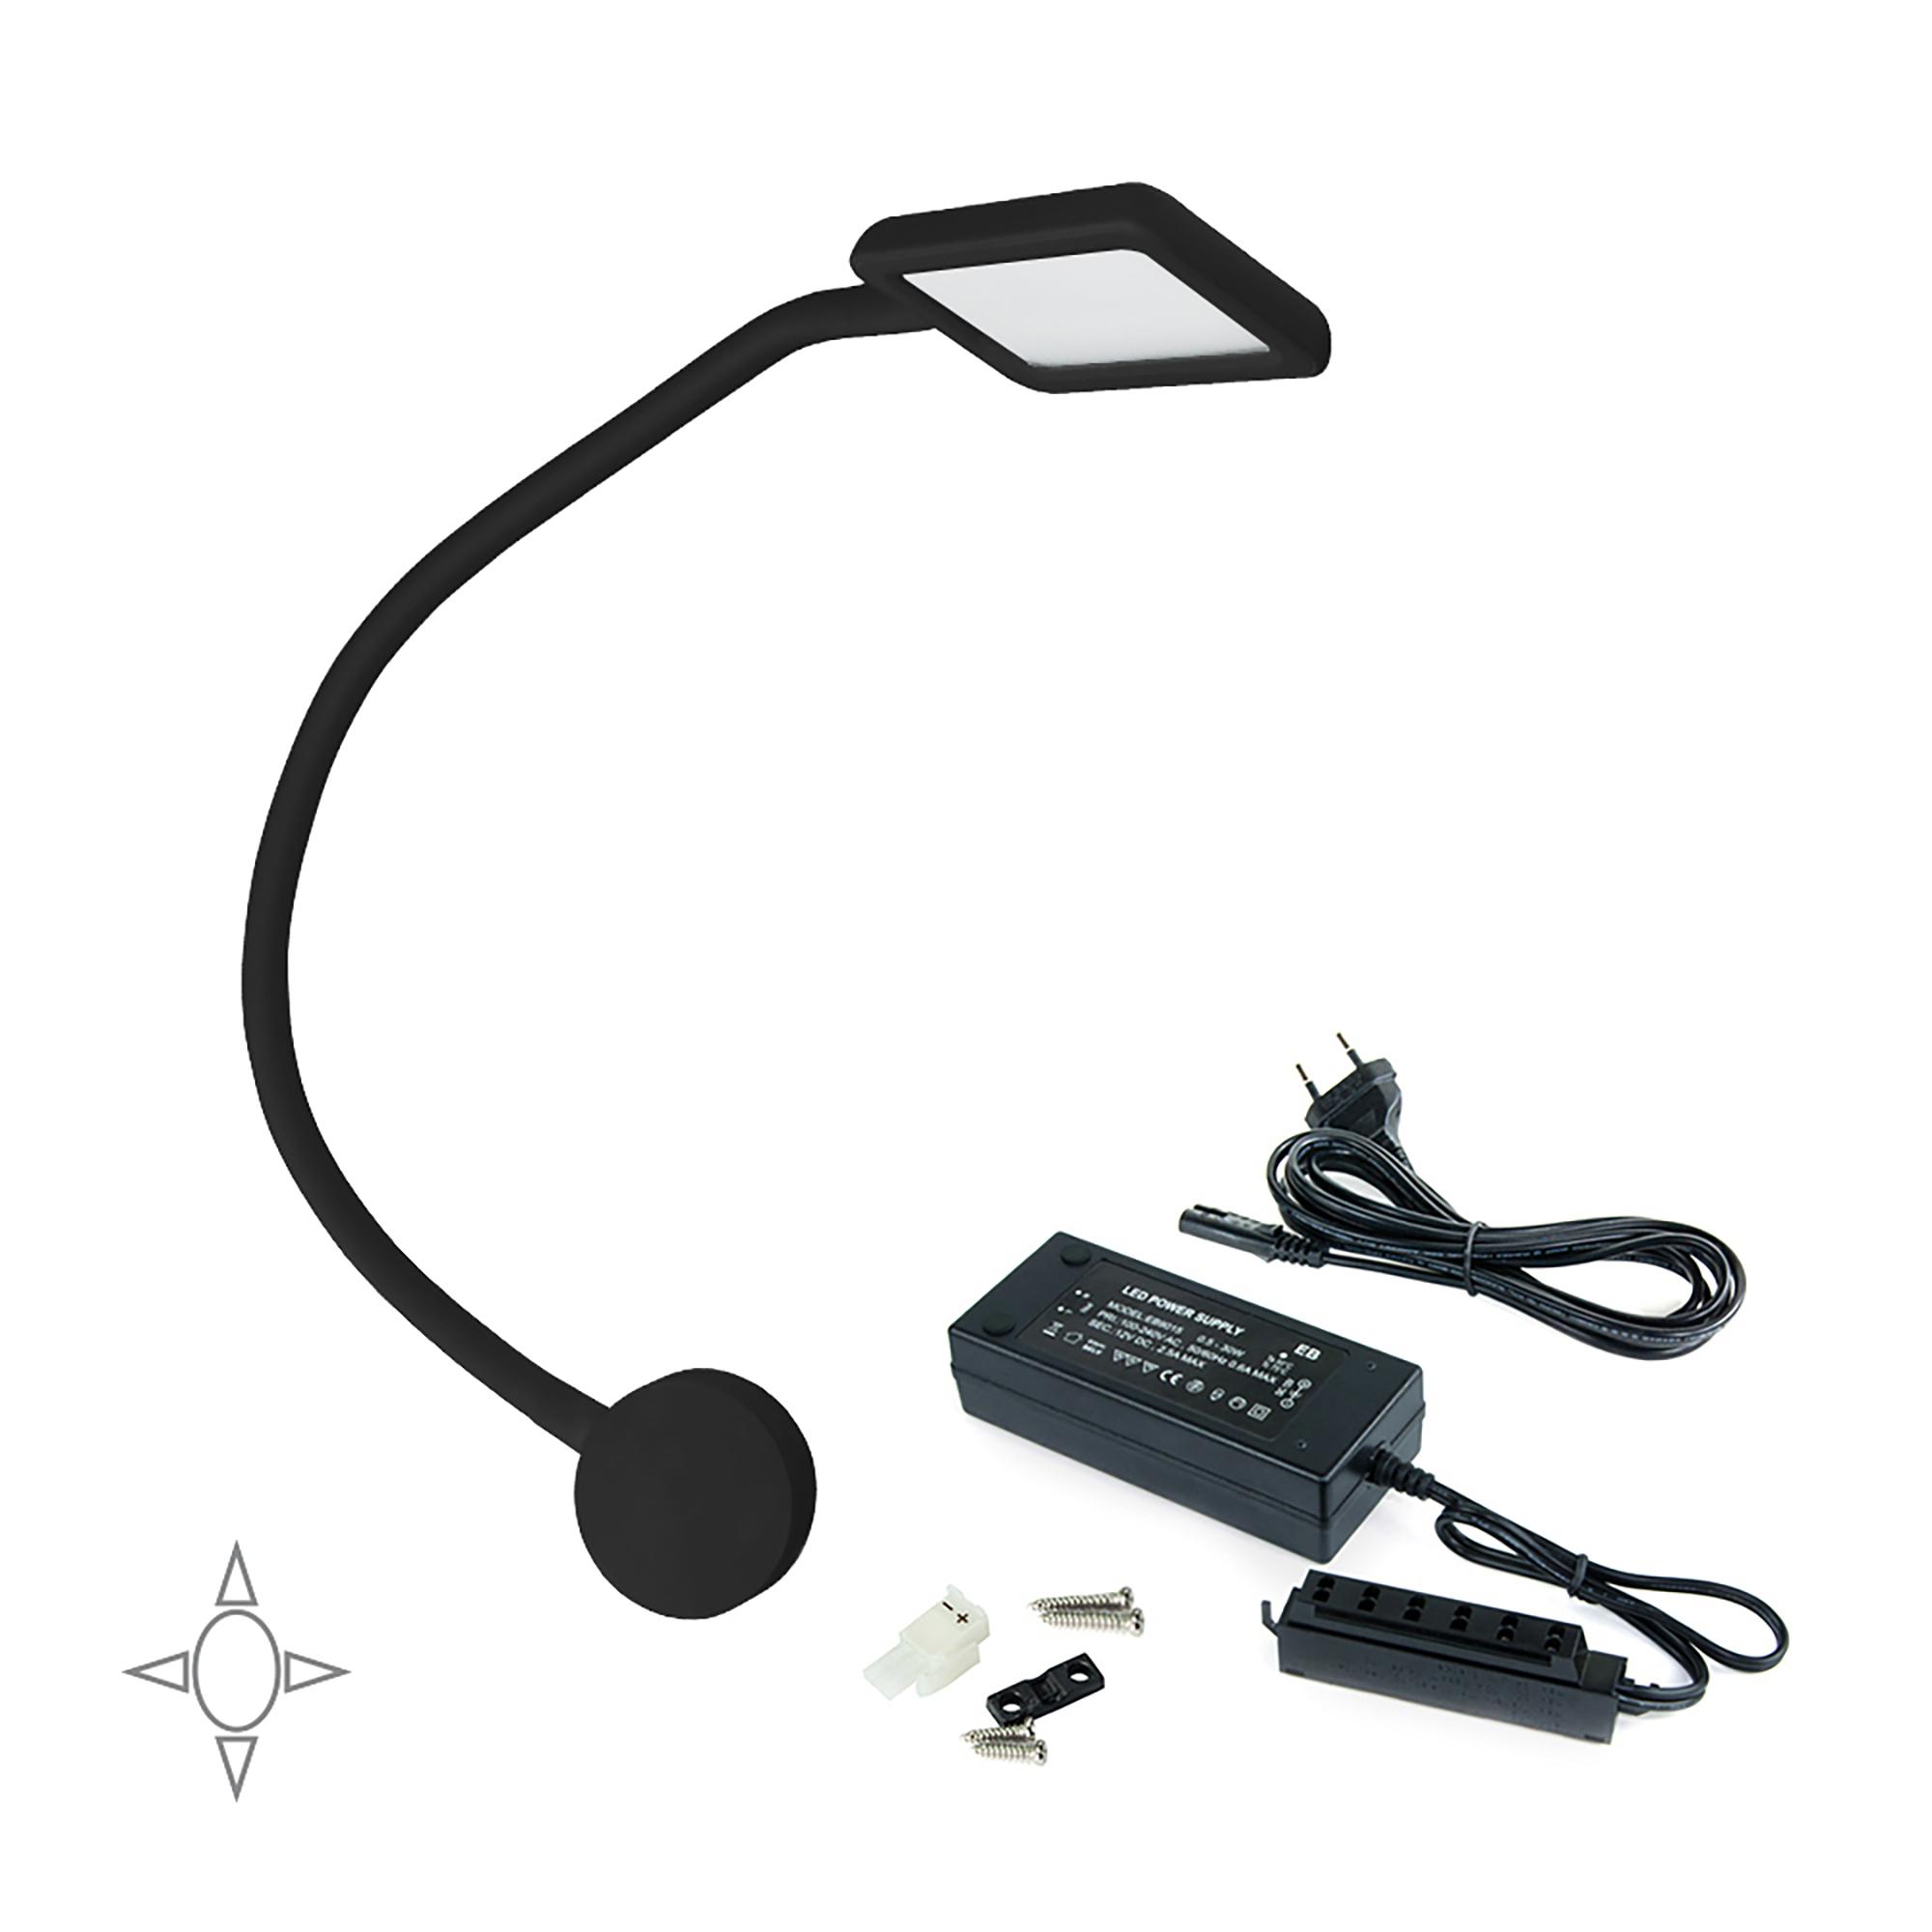 Emuca Applique LED, quadrato, braccio flessibile, sensore touch, 2 USB, Luce bianca naturale, Plastica, Nero + Convertitore 30 W